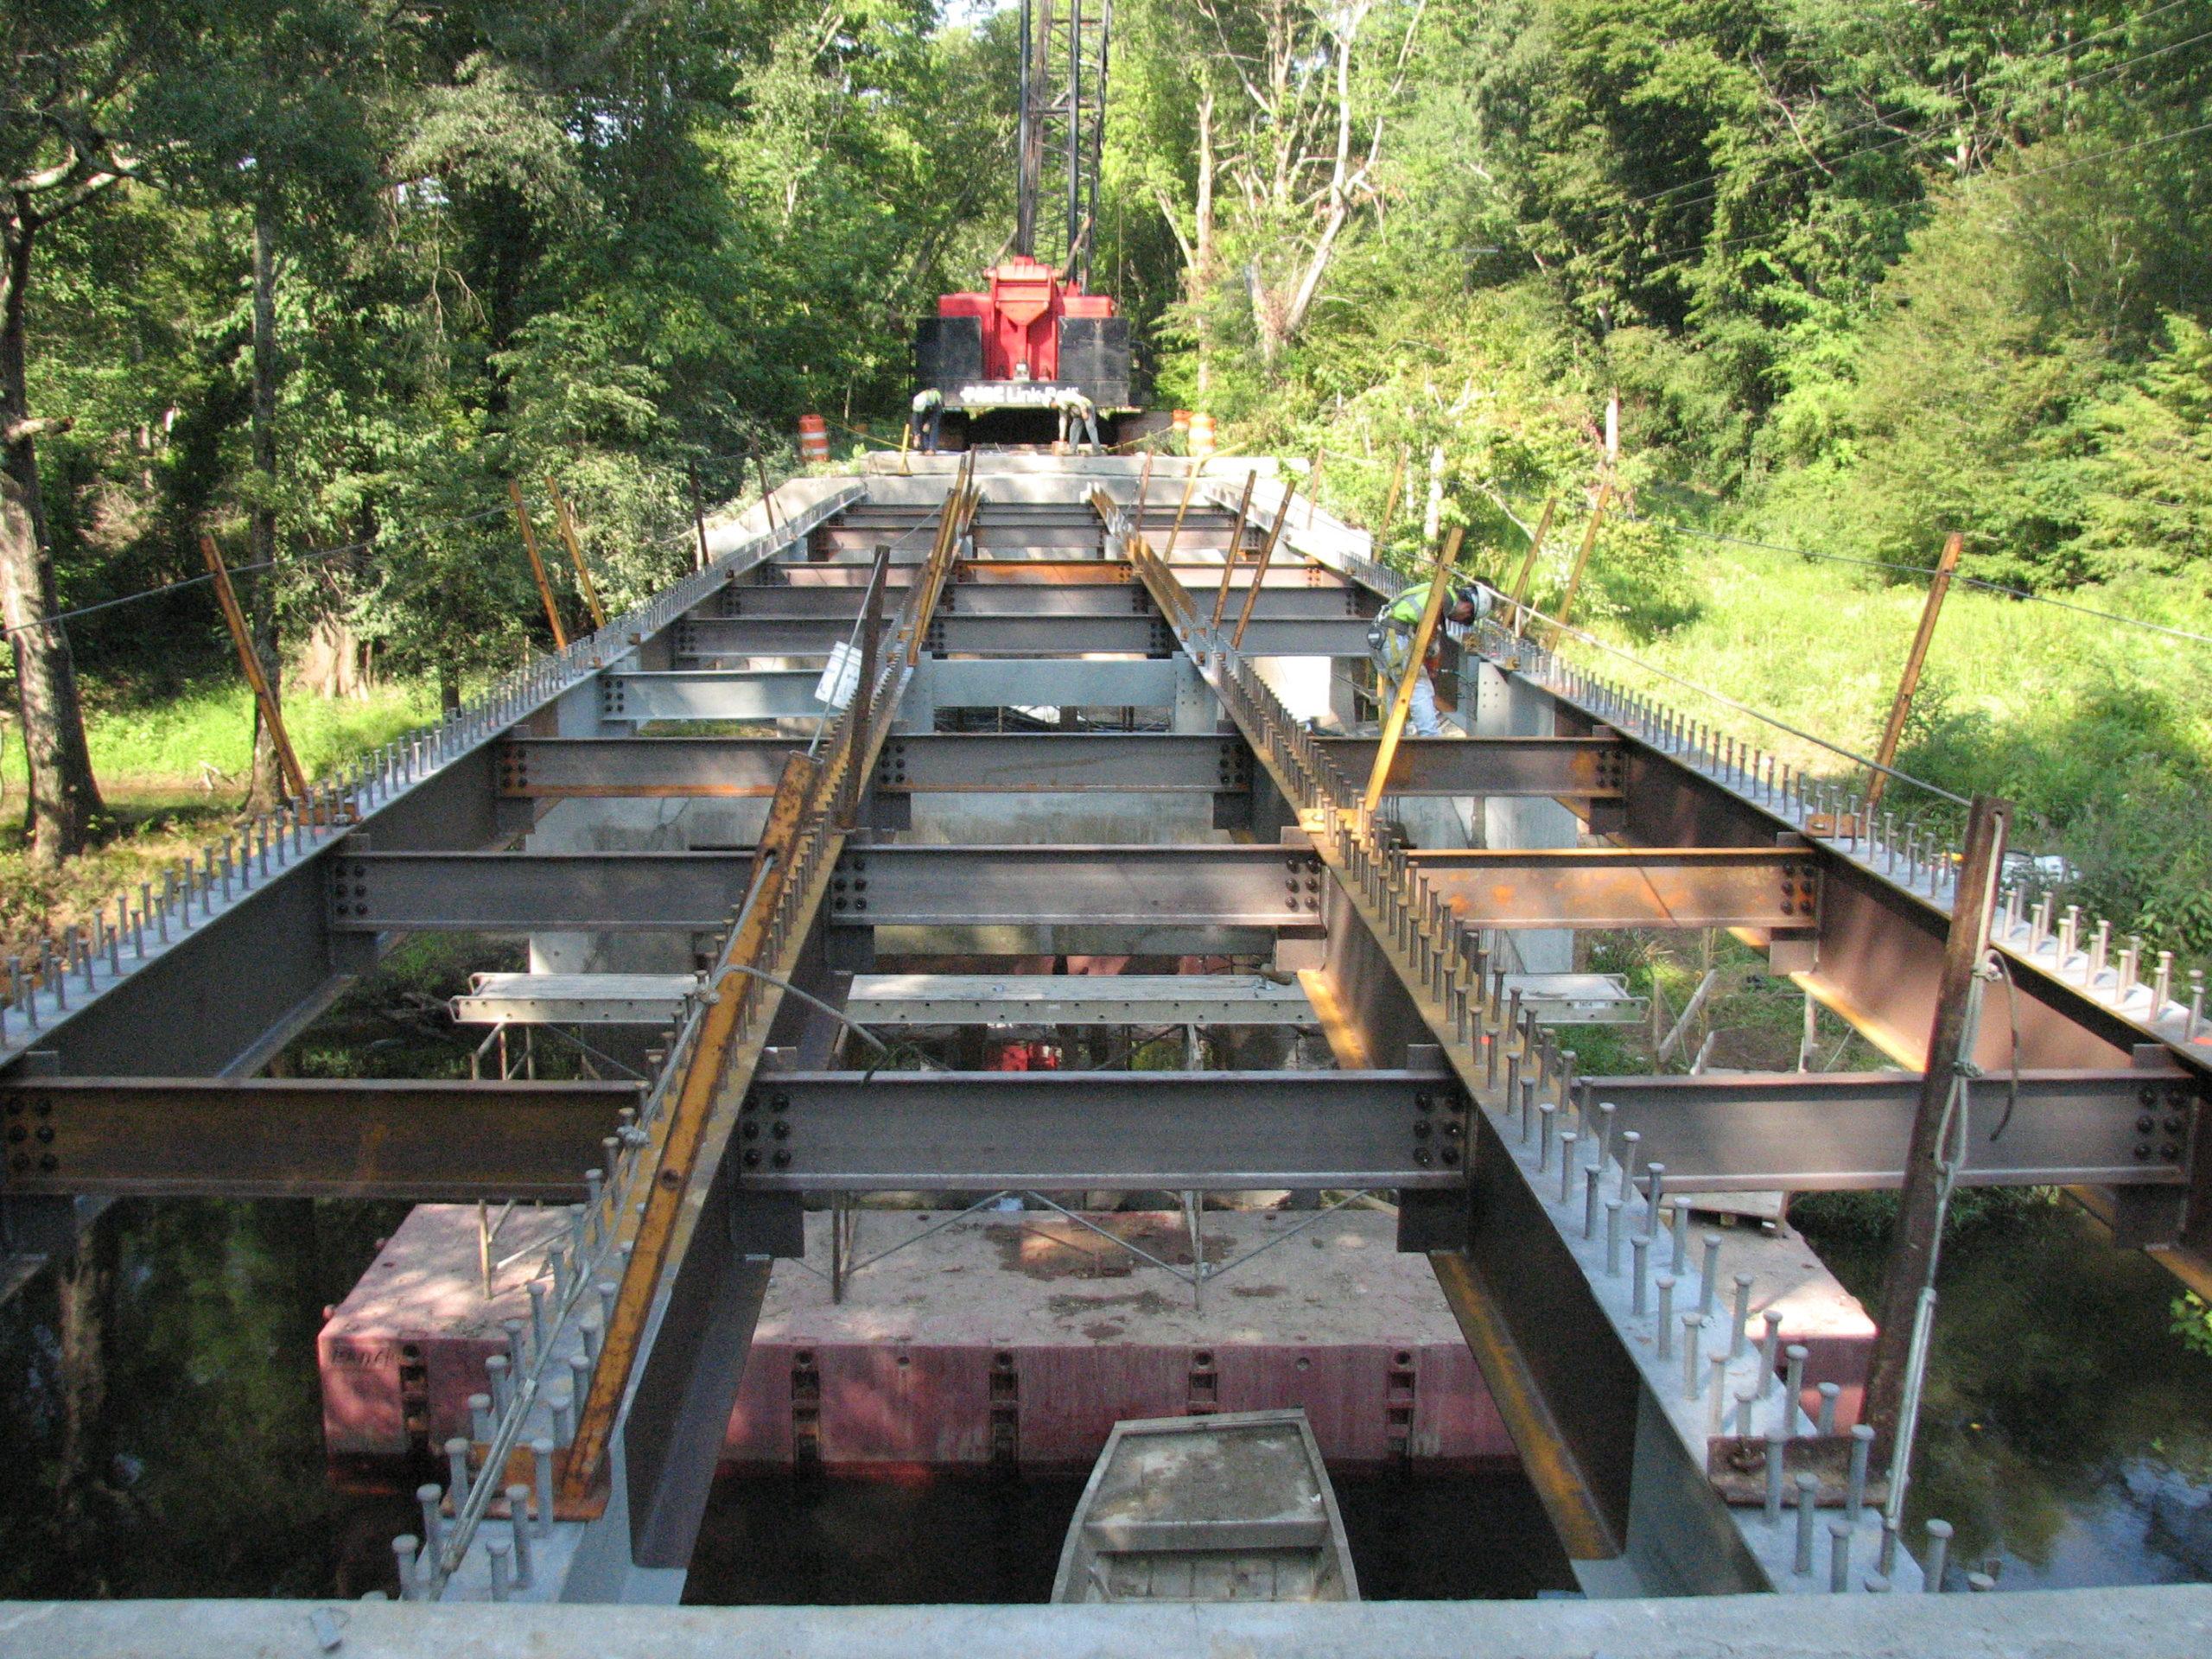 Route 605 over the Mattaponi River, Caroline County: Beam erection